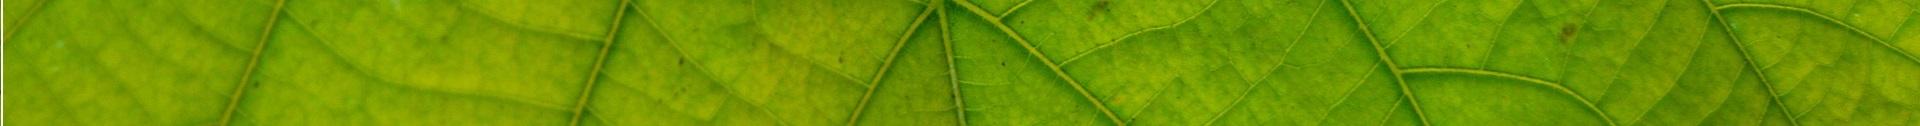 leaf-1618330_1920